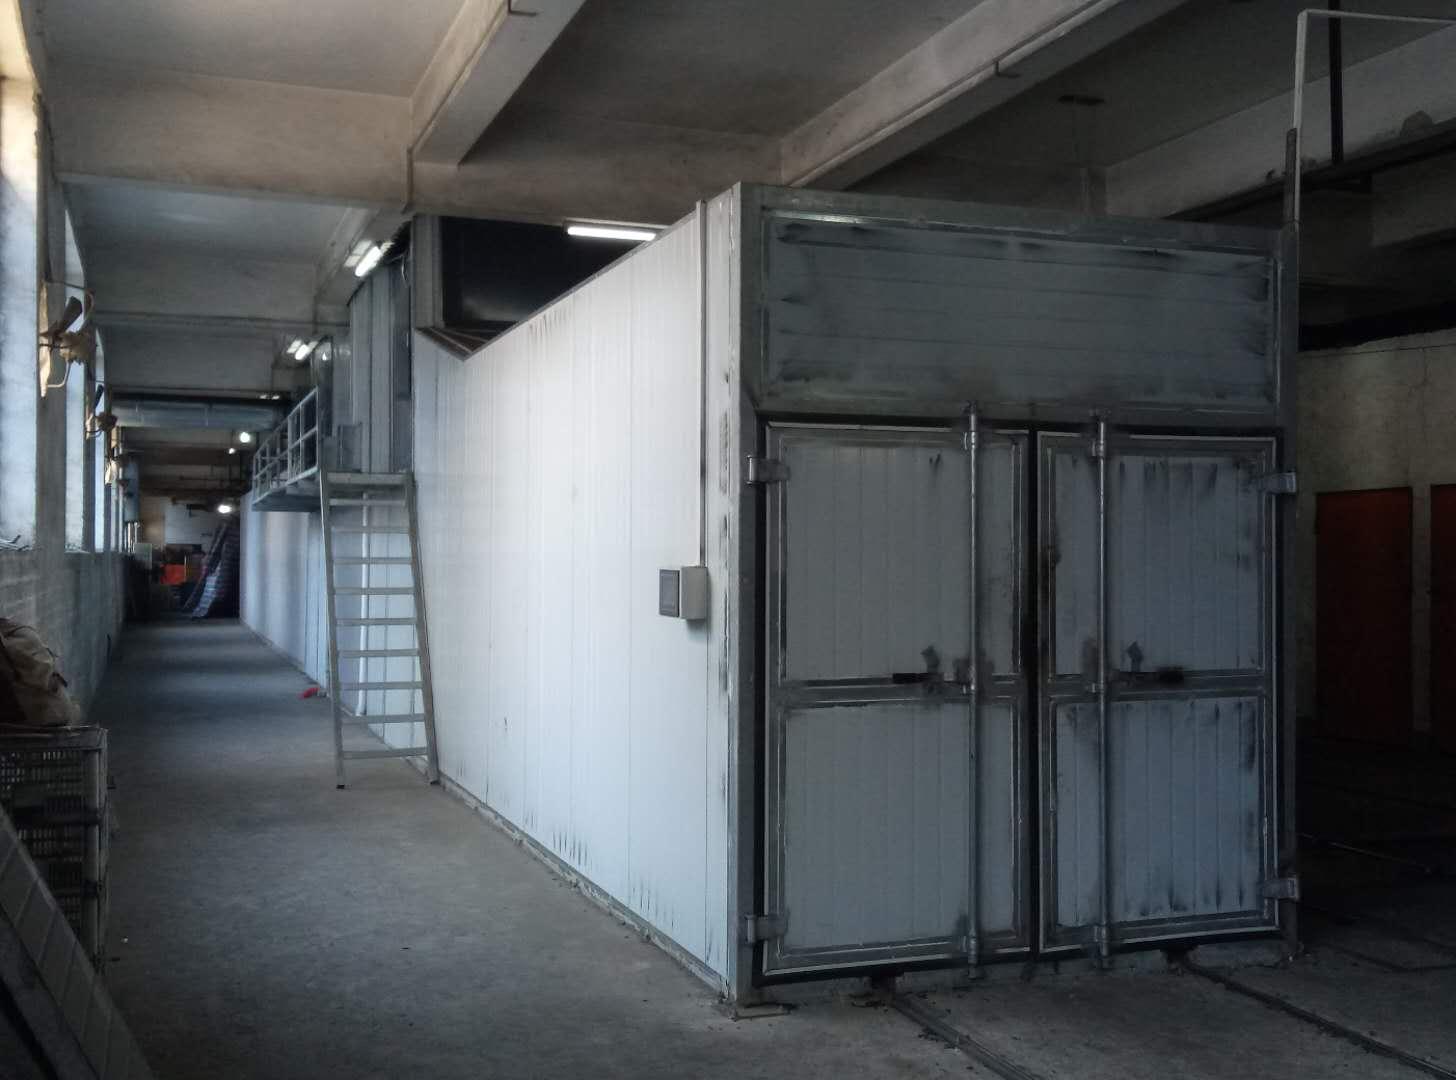 泉州專業的熱泵烘干機公司,熱泵烘干機